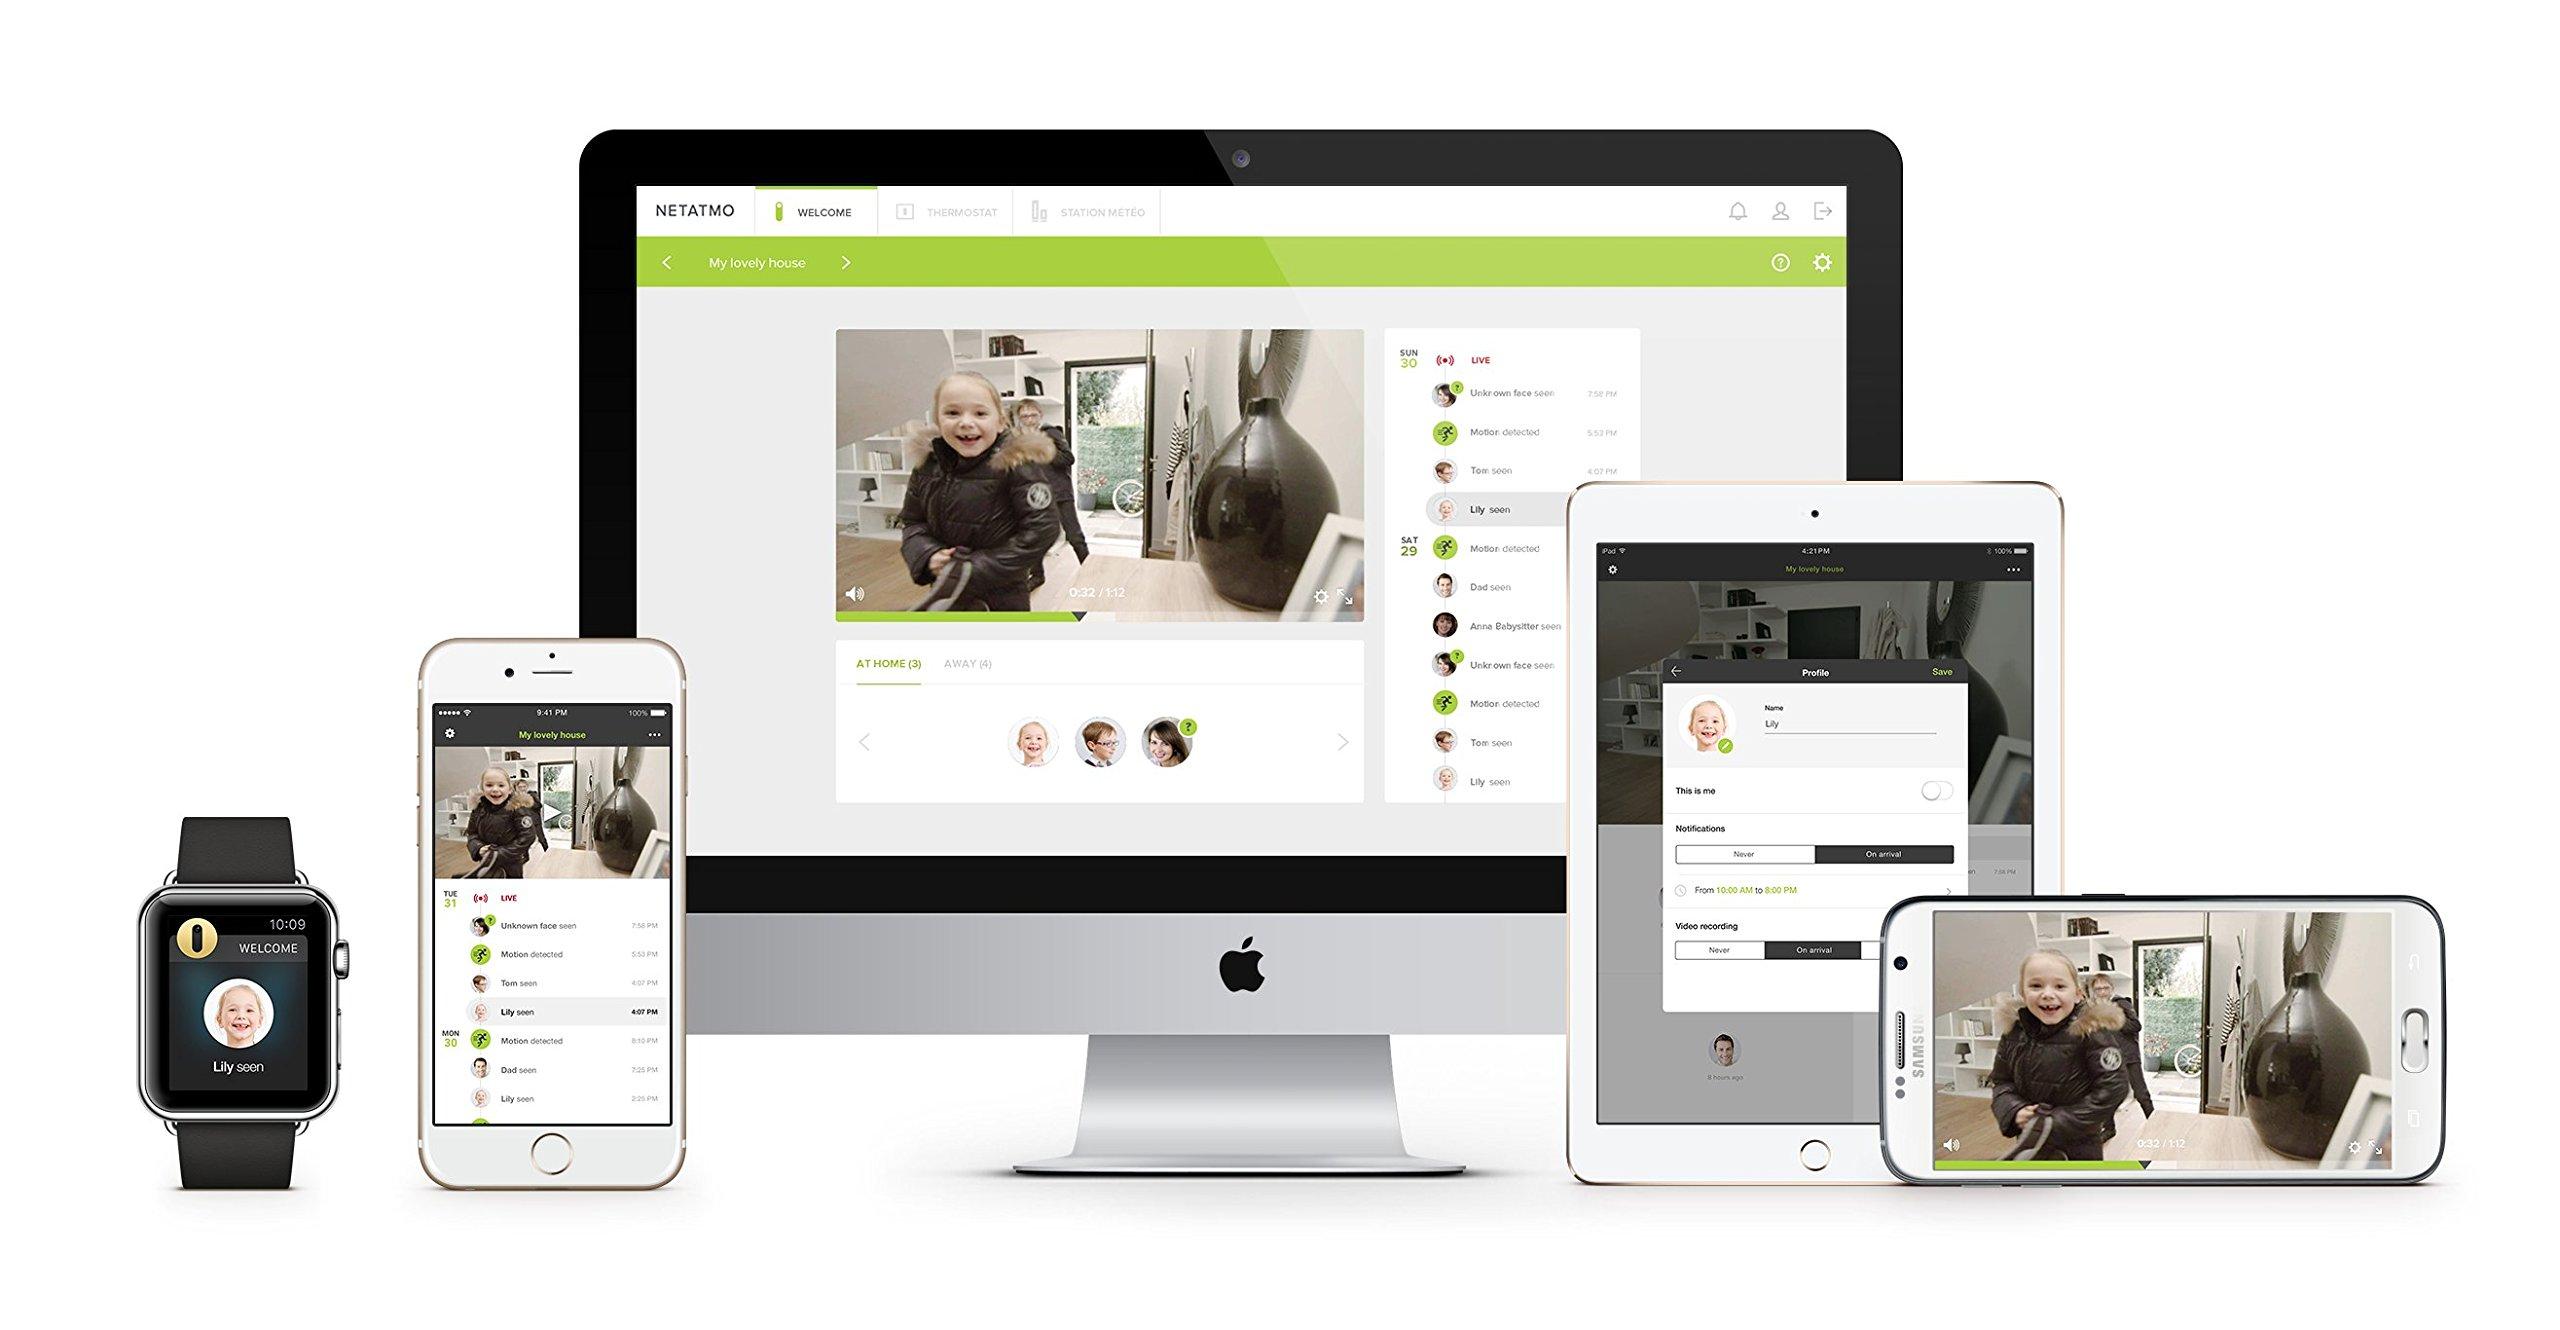 Netatmo Caméra de Surveillance Intérieure Intelligente, WIFI, Détection Des Mouvements, Vision Nocturne, Aucun Abonnement, NSC01-EU (Welcome)